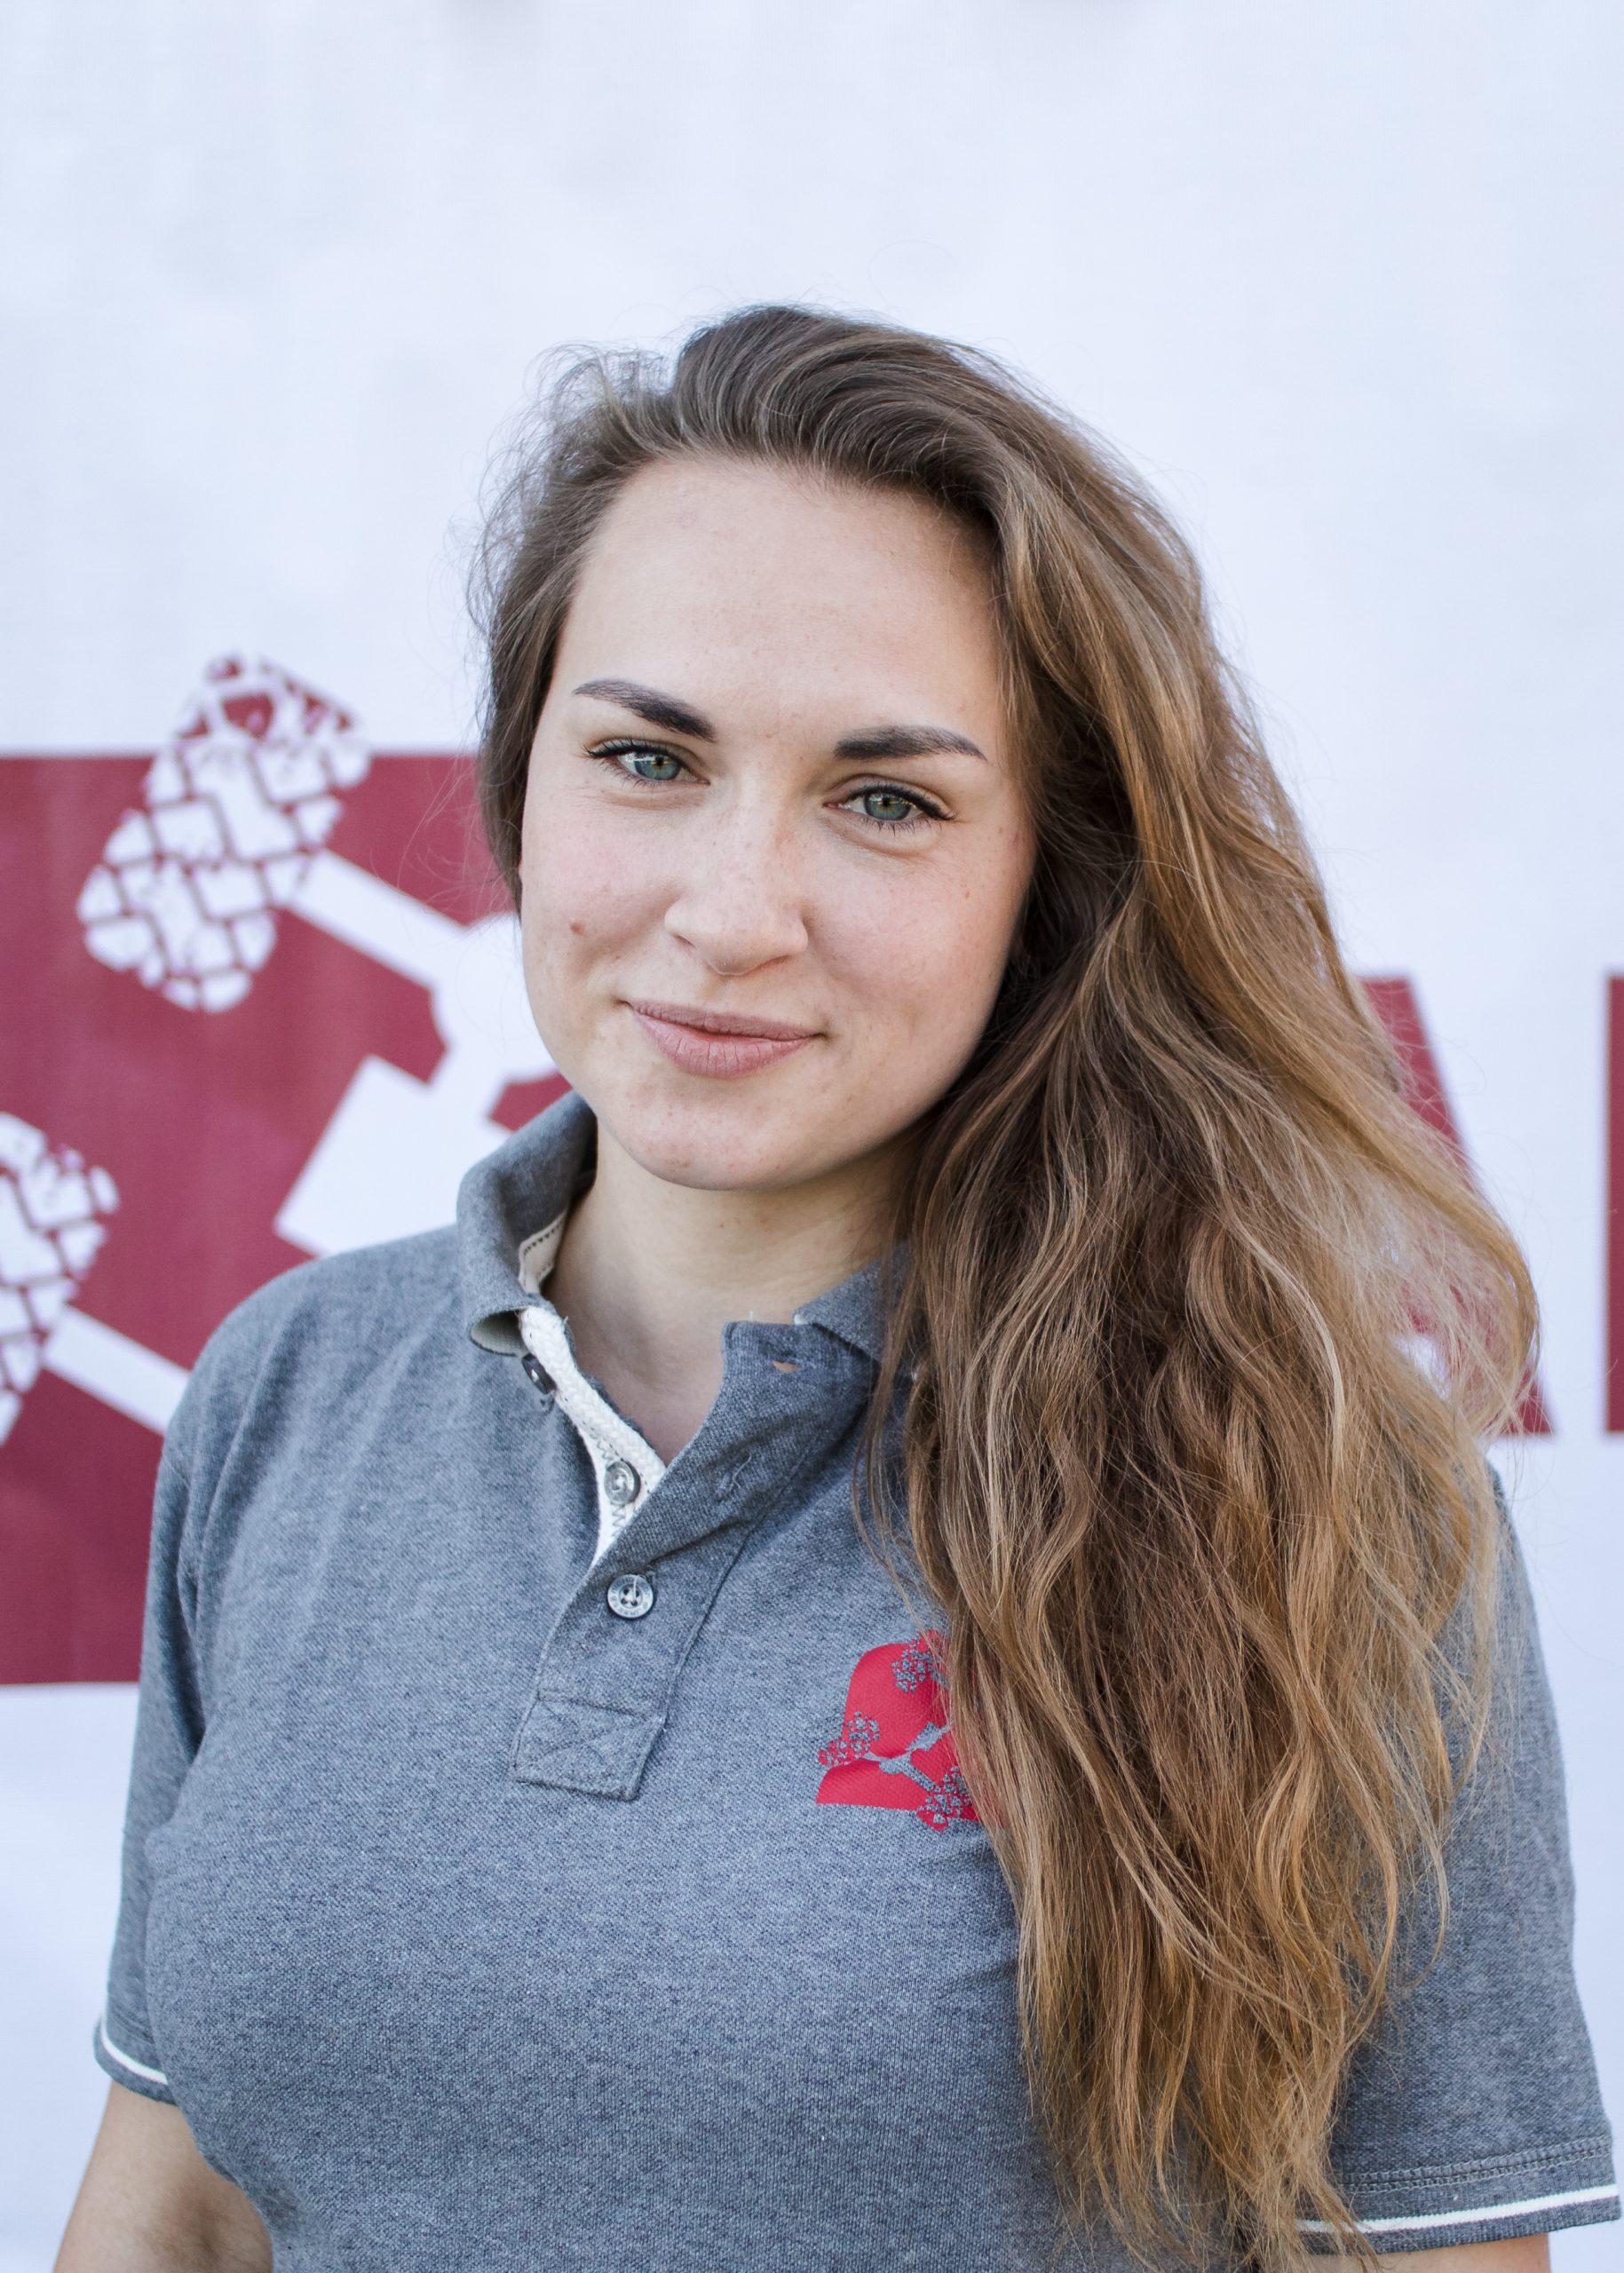 Bianca Schleicher